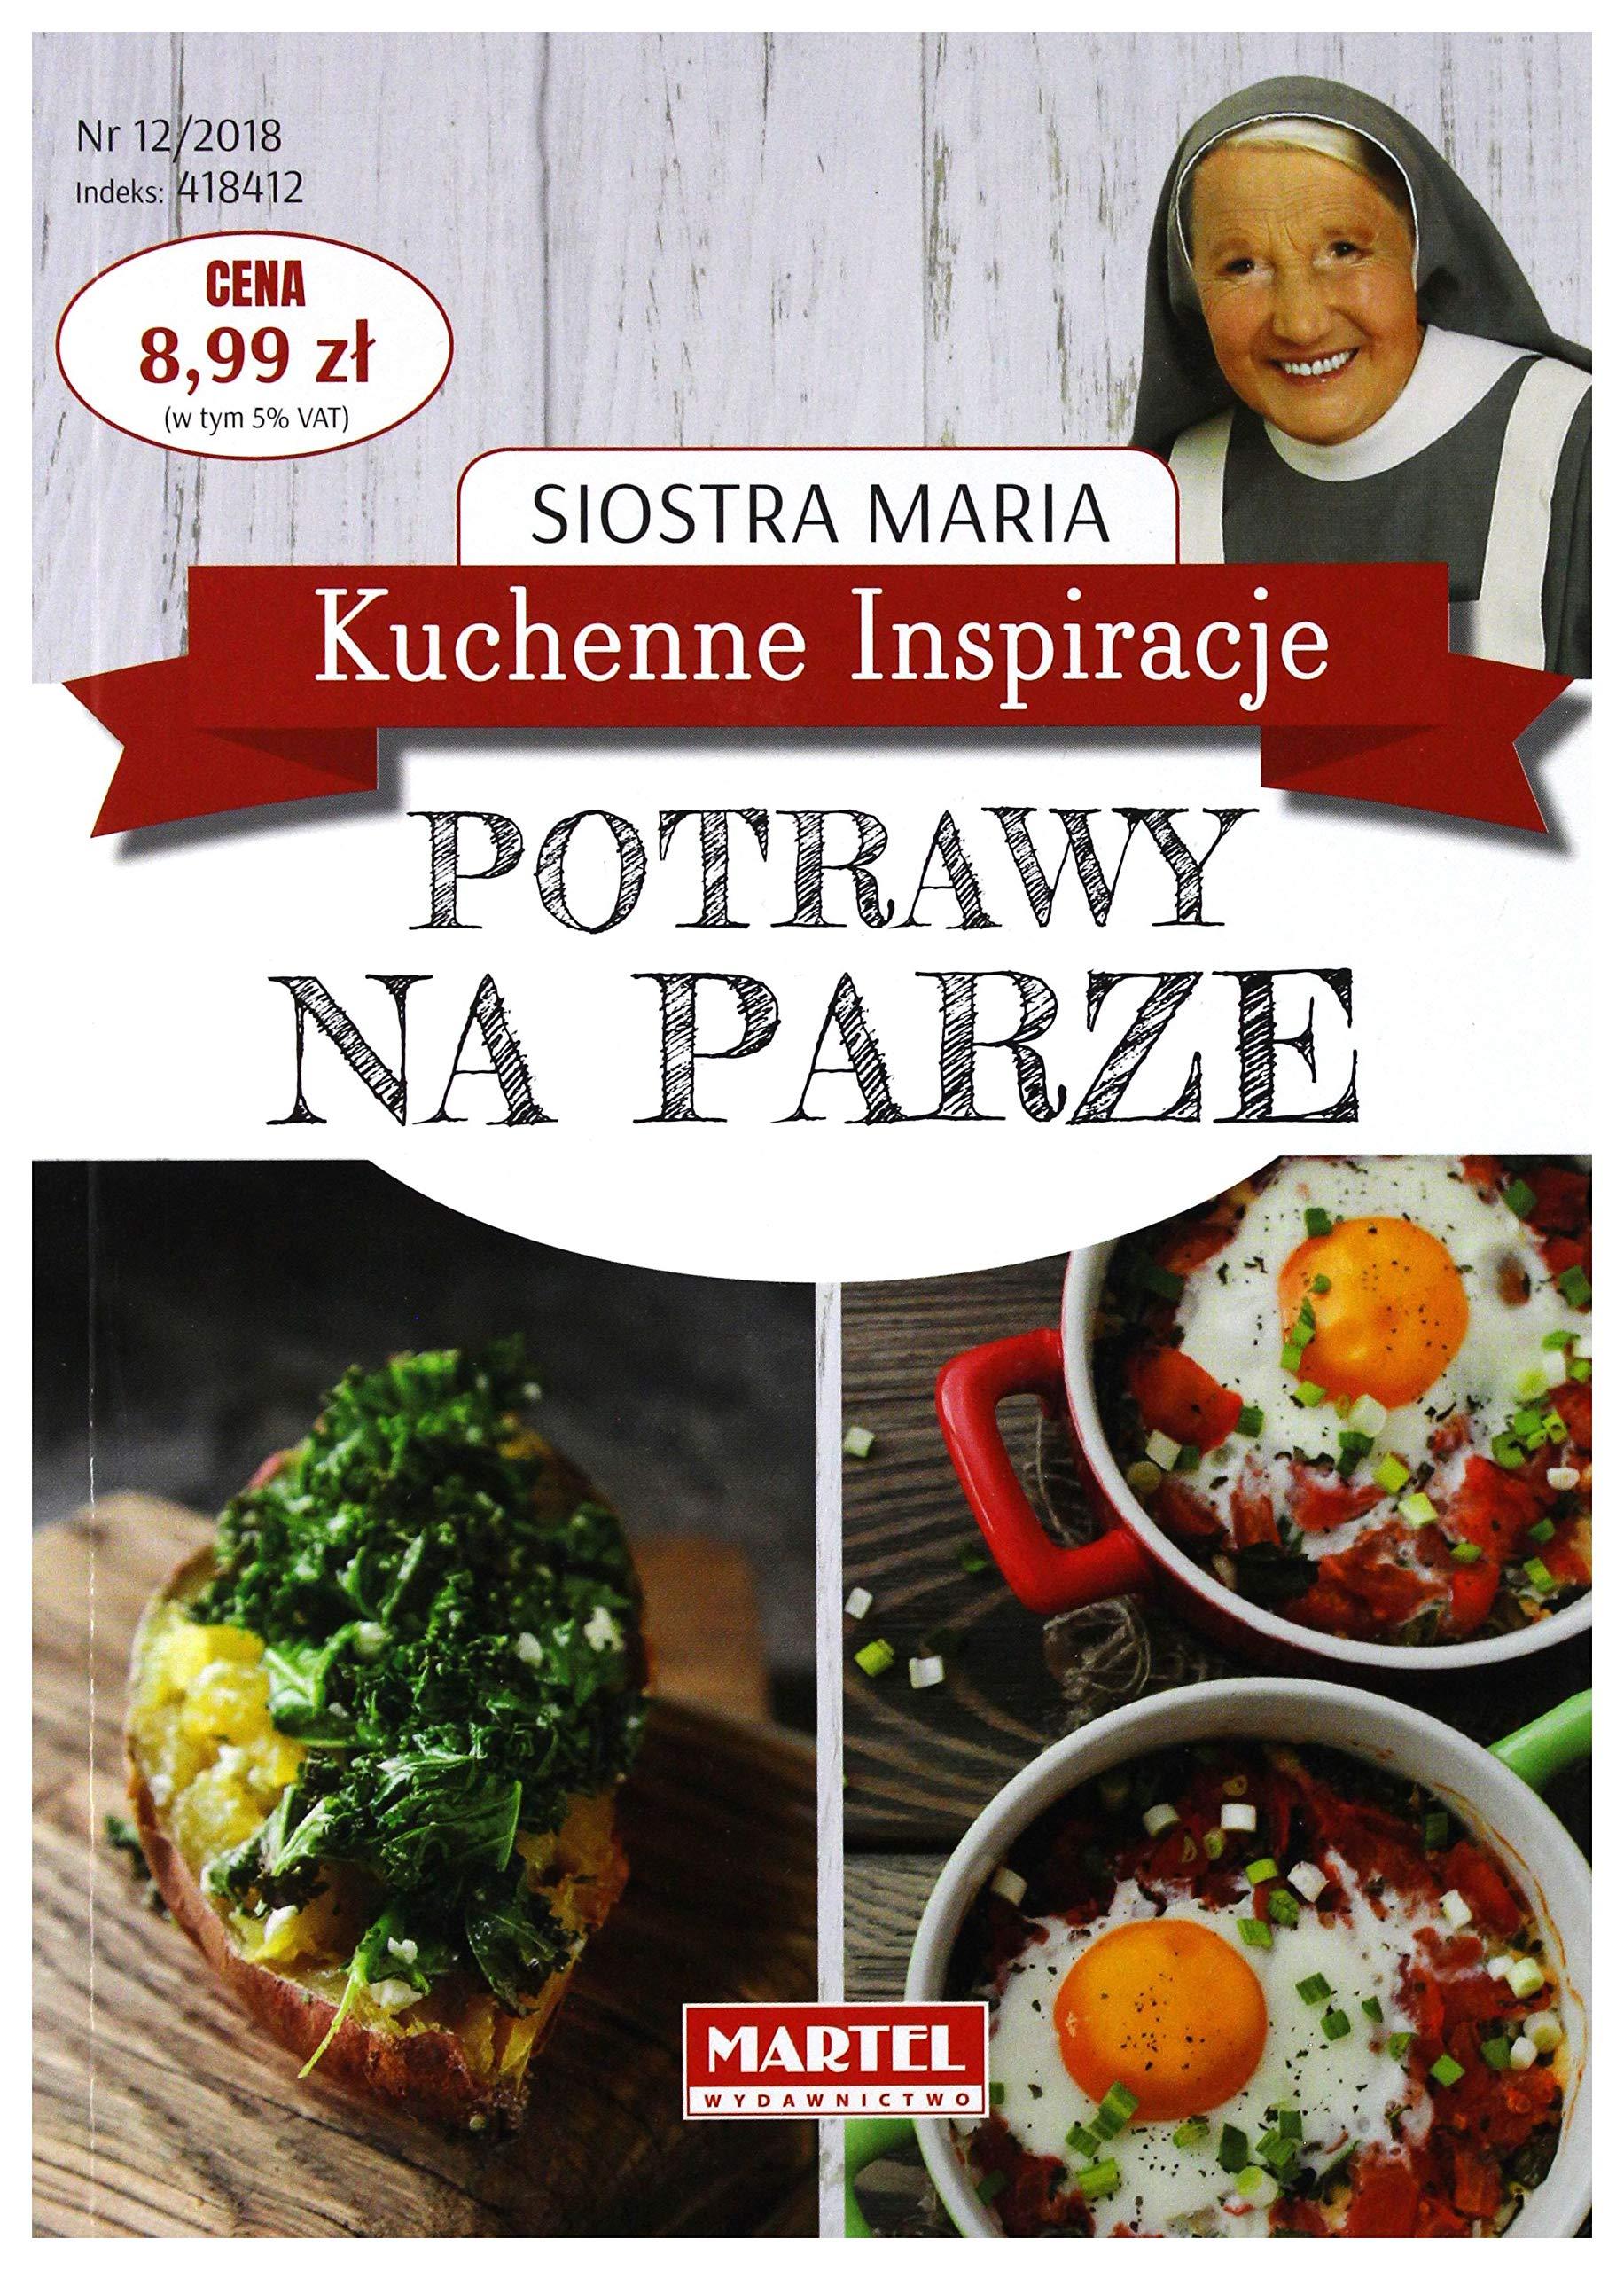 Kuchenne Inspiracje Potrawy Na Parze Siostra Maria Ksiäĺťka